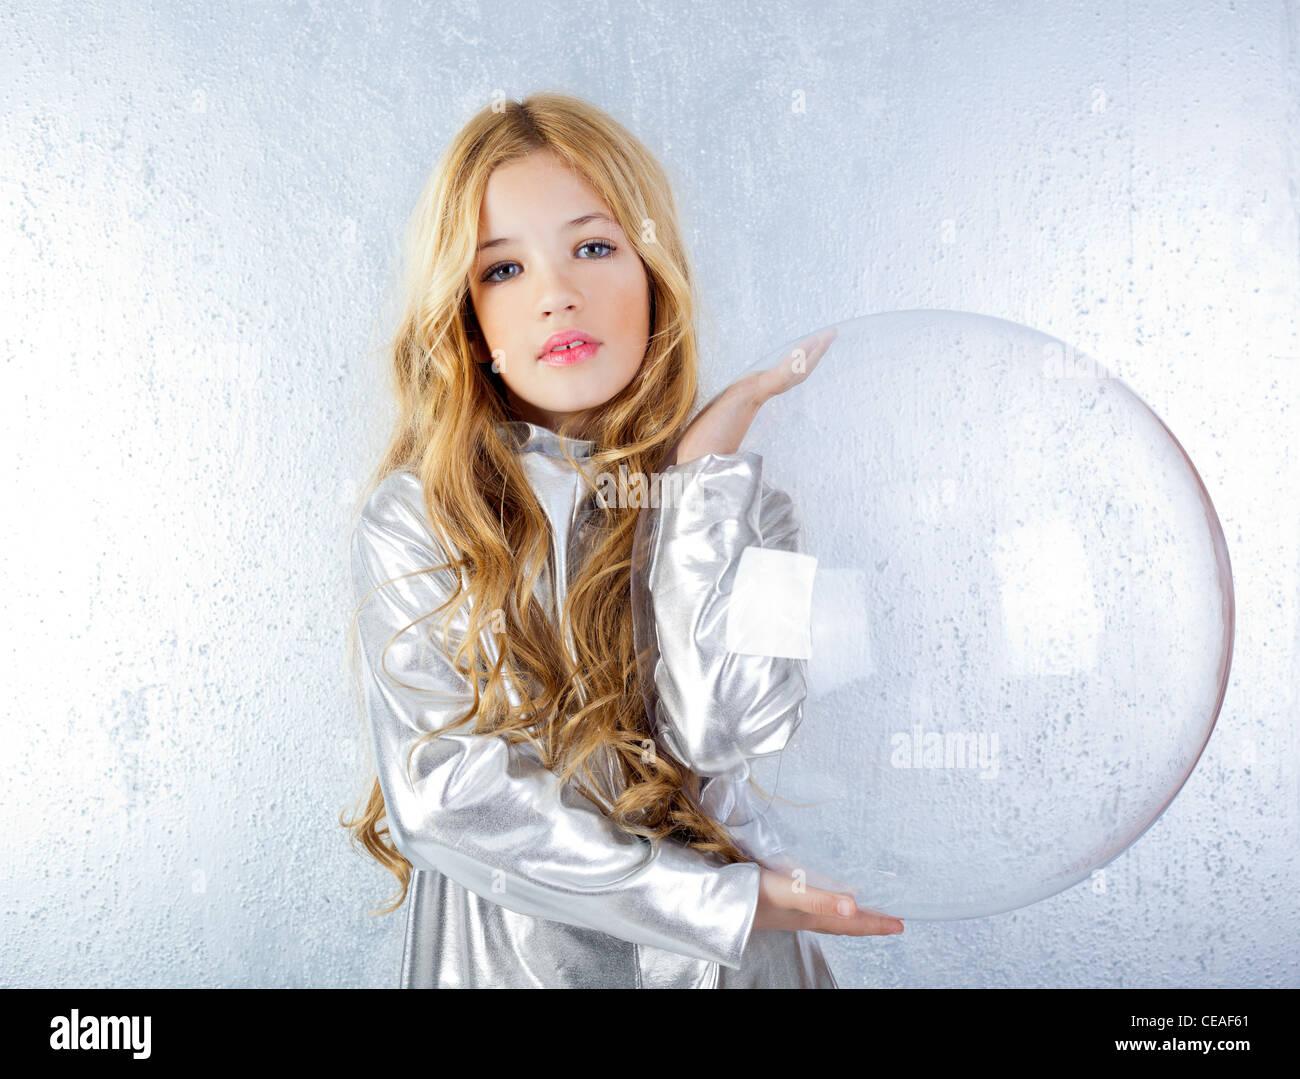 futuristische kleines Mädchen mit Raumanzug Stockbild